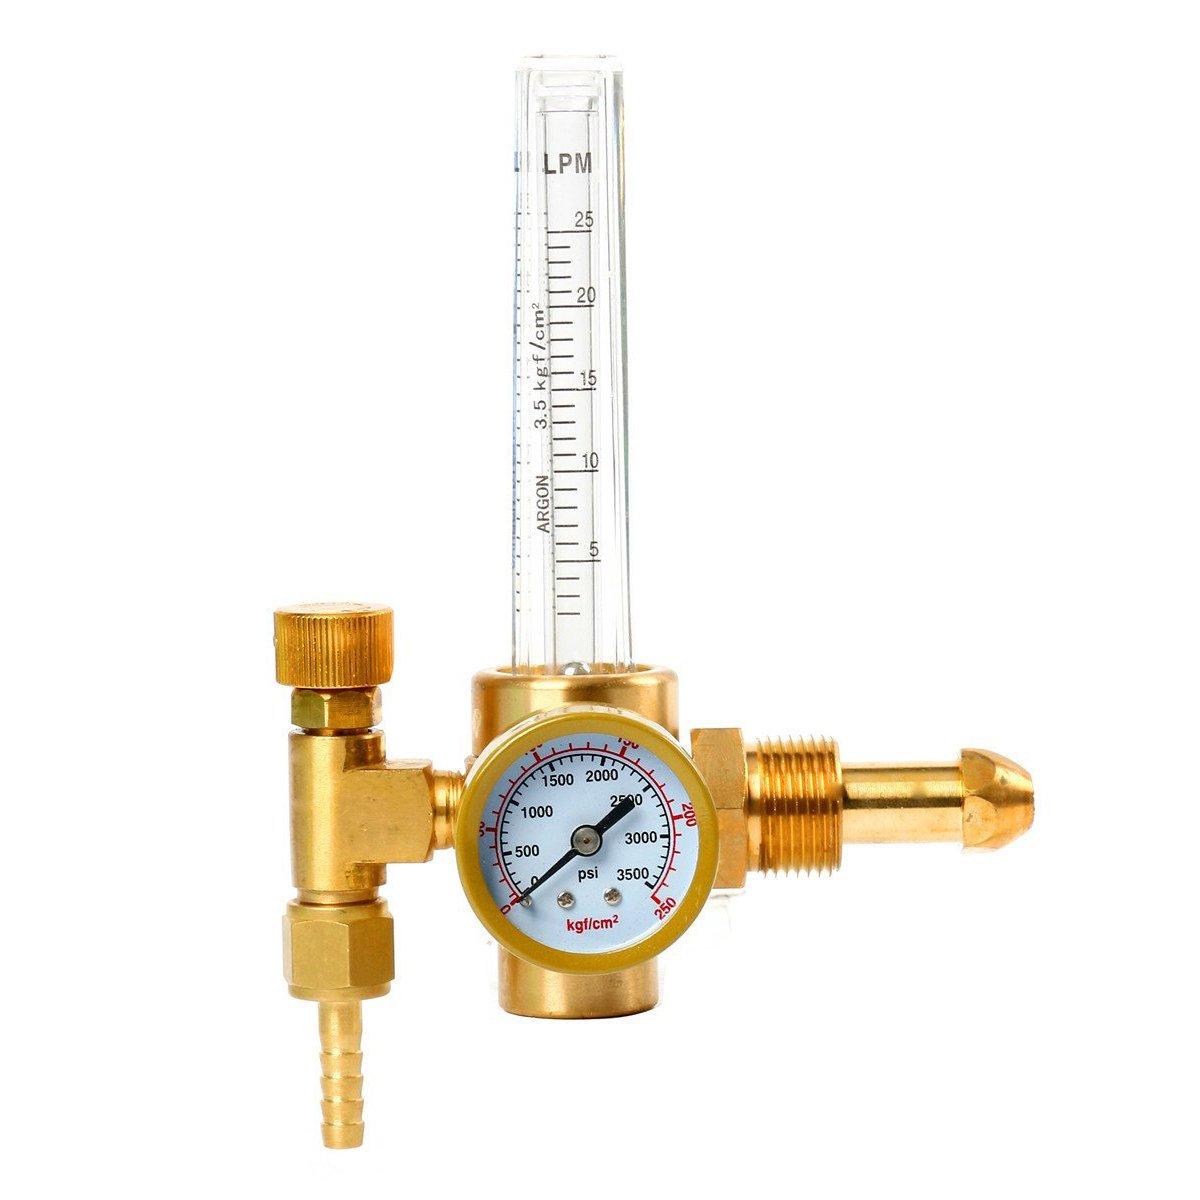 Yaetek Argon CO2 Mig Tig Flow meter Welding Weld Regulator Gauge Gas Welder freebirdtrading SH-0009